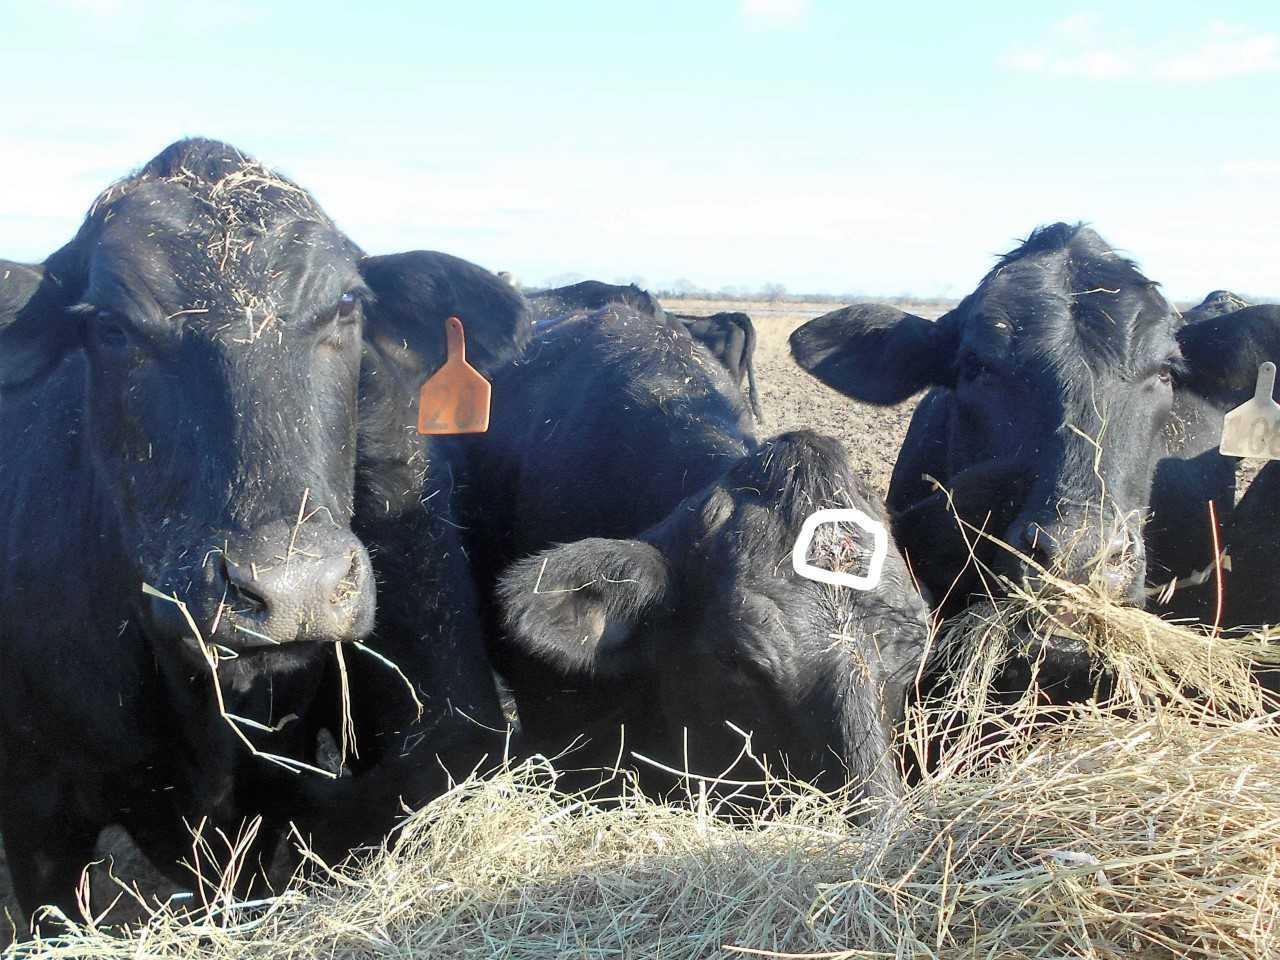 cattle_1547584573134.jfif.jpg